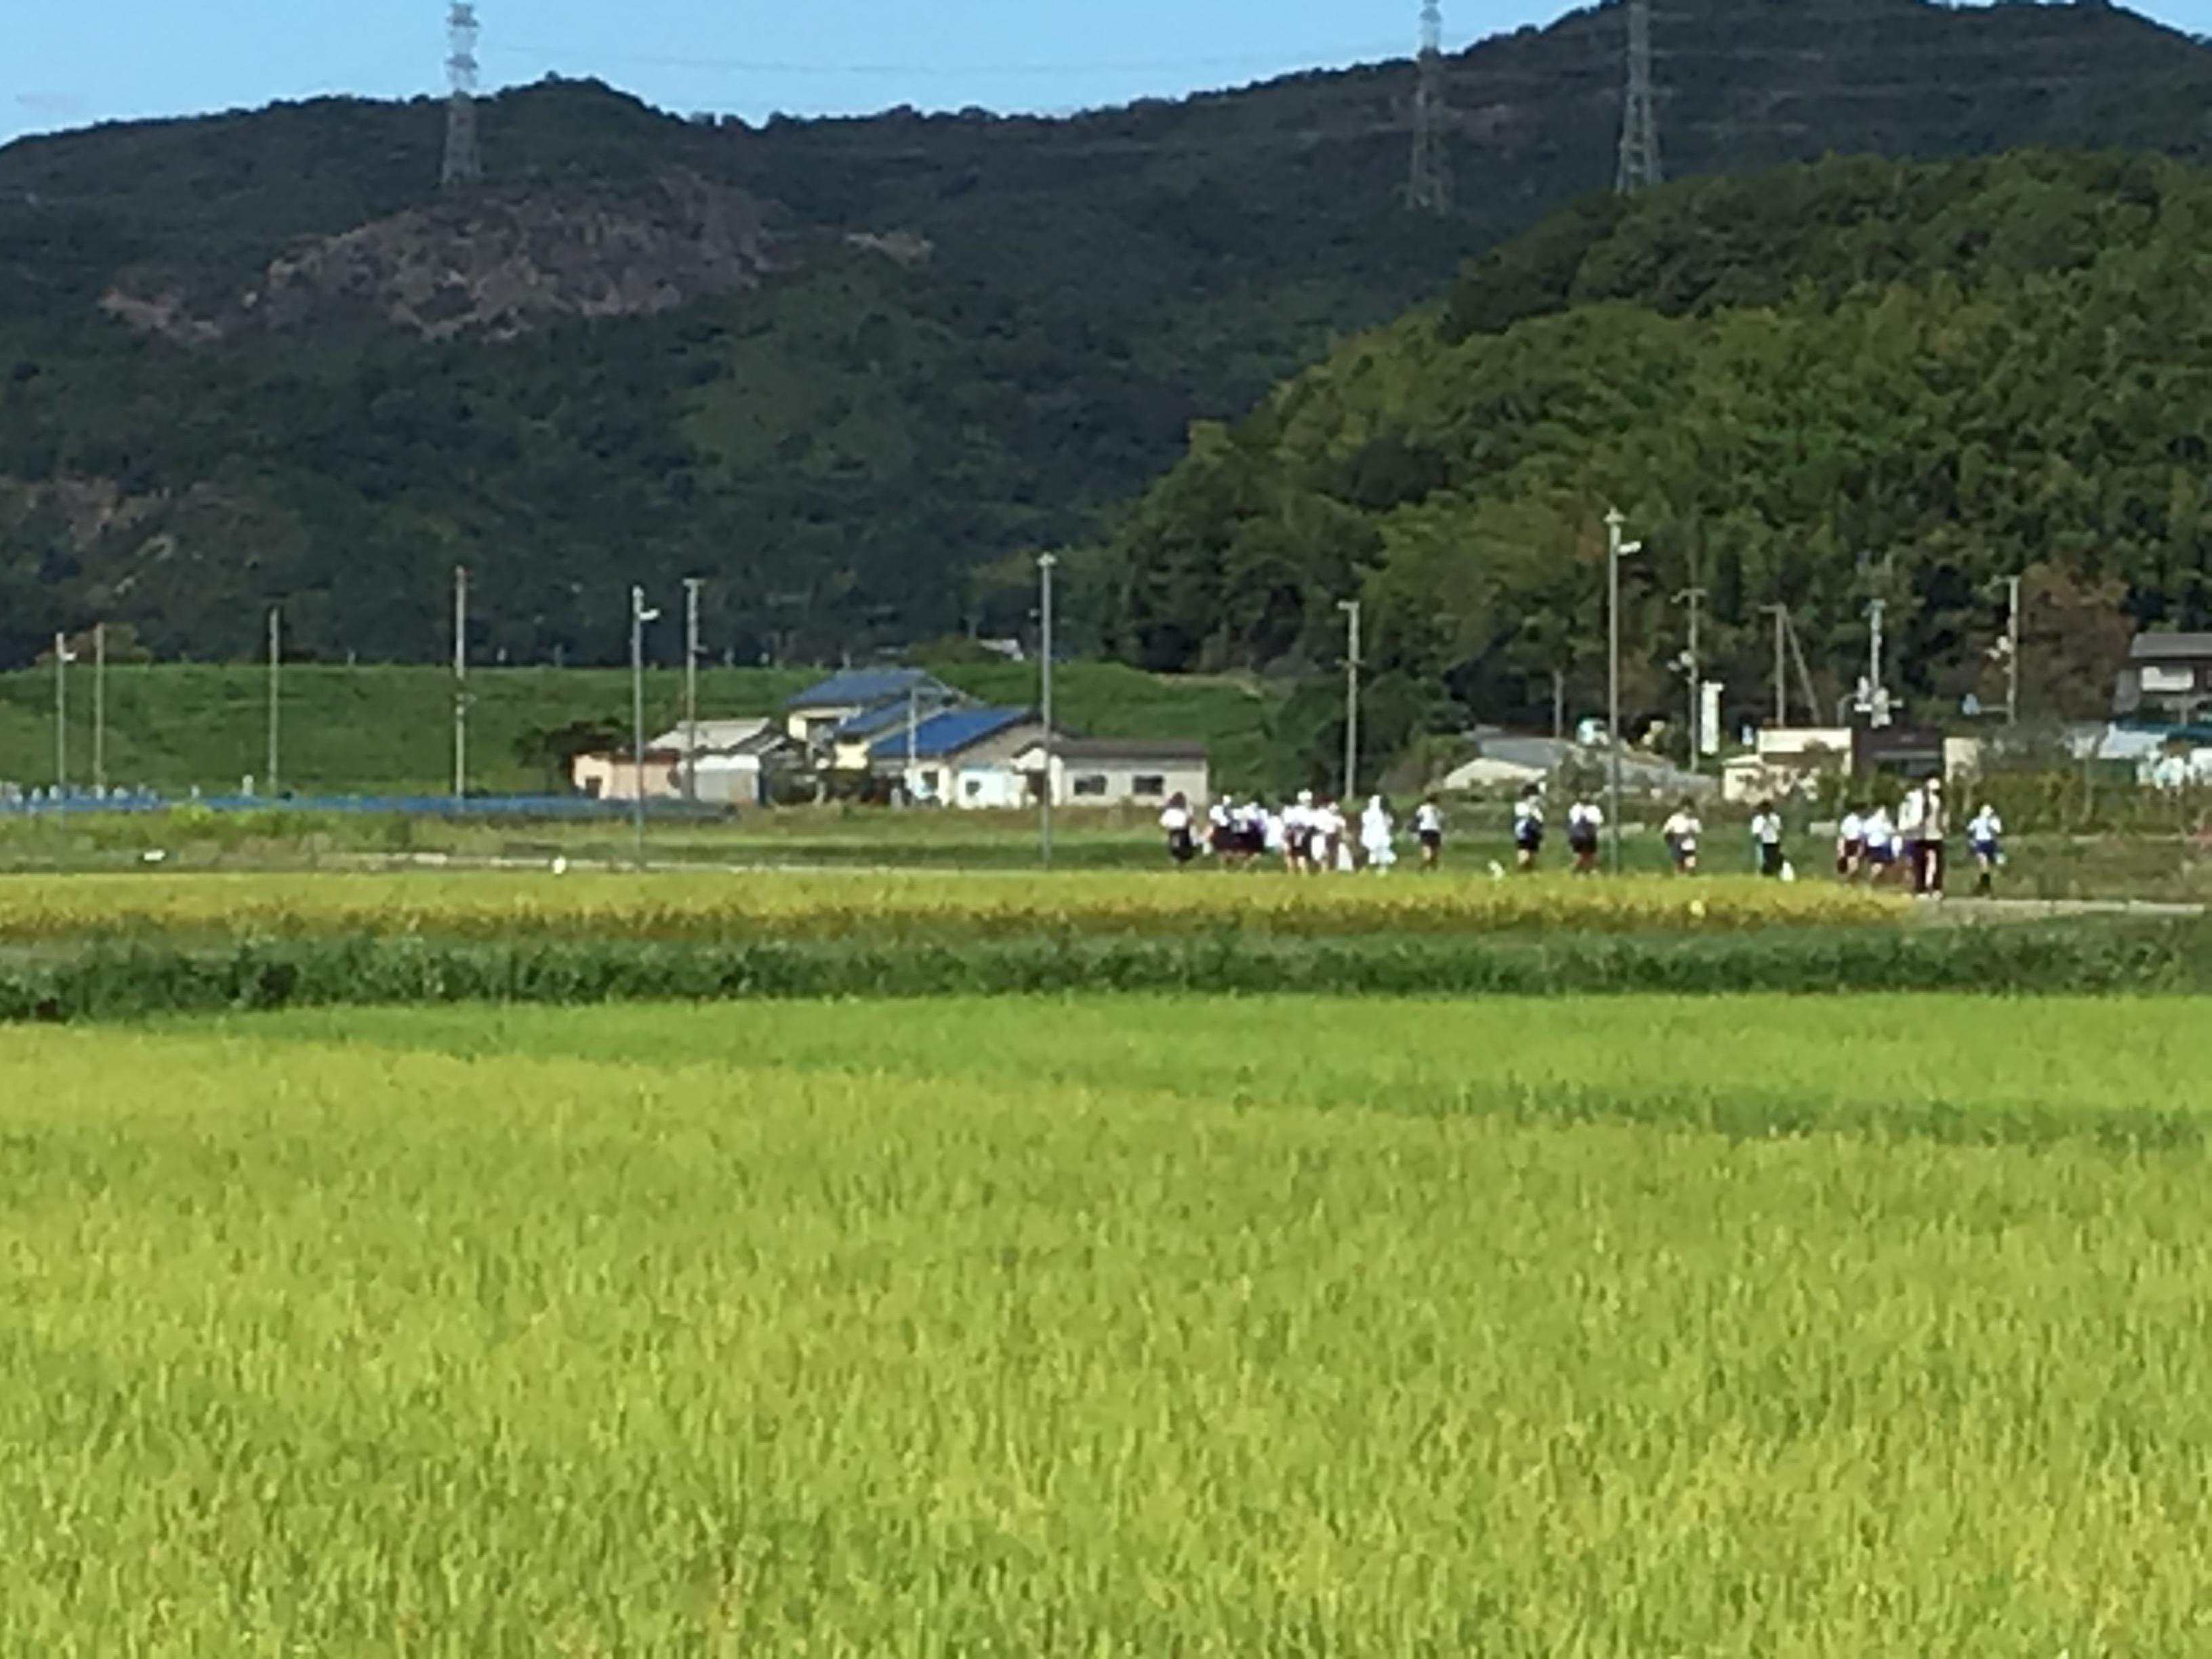 写真中央の地平線(ていうか)が原大池堤体の天端。担任の山本先生を筆頭に垂れた稲の穂を見ながら帰ります。もうすぐ稲刈りだね。